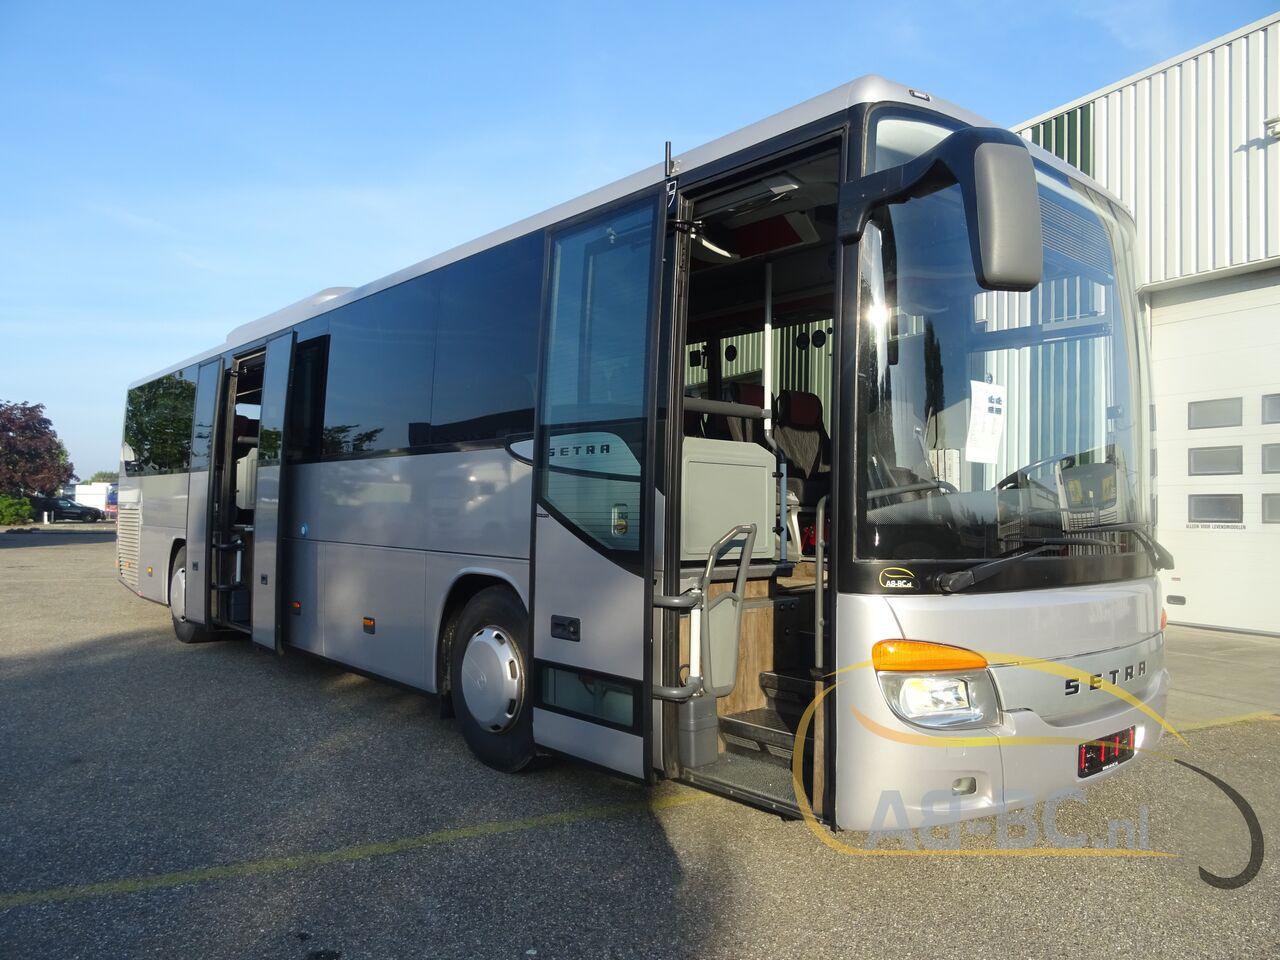 coach-bus-SETRA-S415H-52-Seats-EURO-6-Liftbus---1630913559587406738_big_a110a14bfd2eb140135eed6028e09464--21070517141280735500